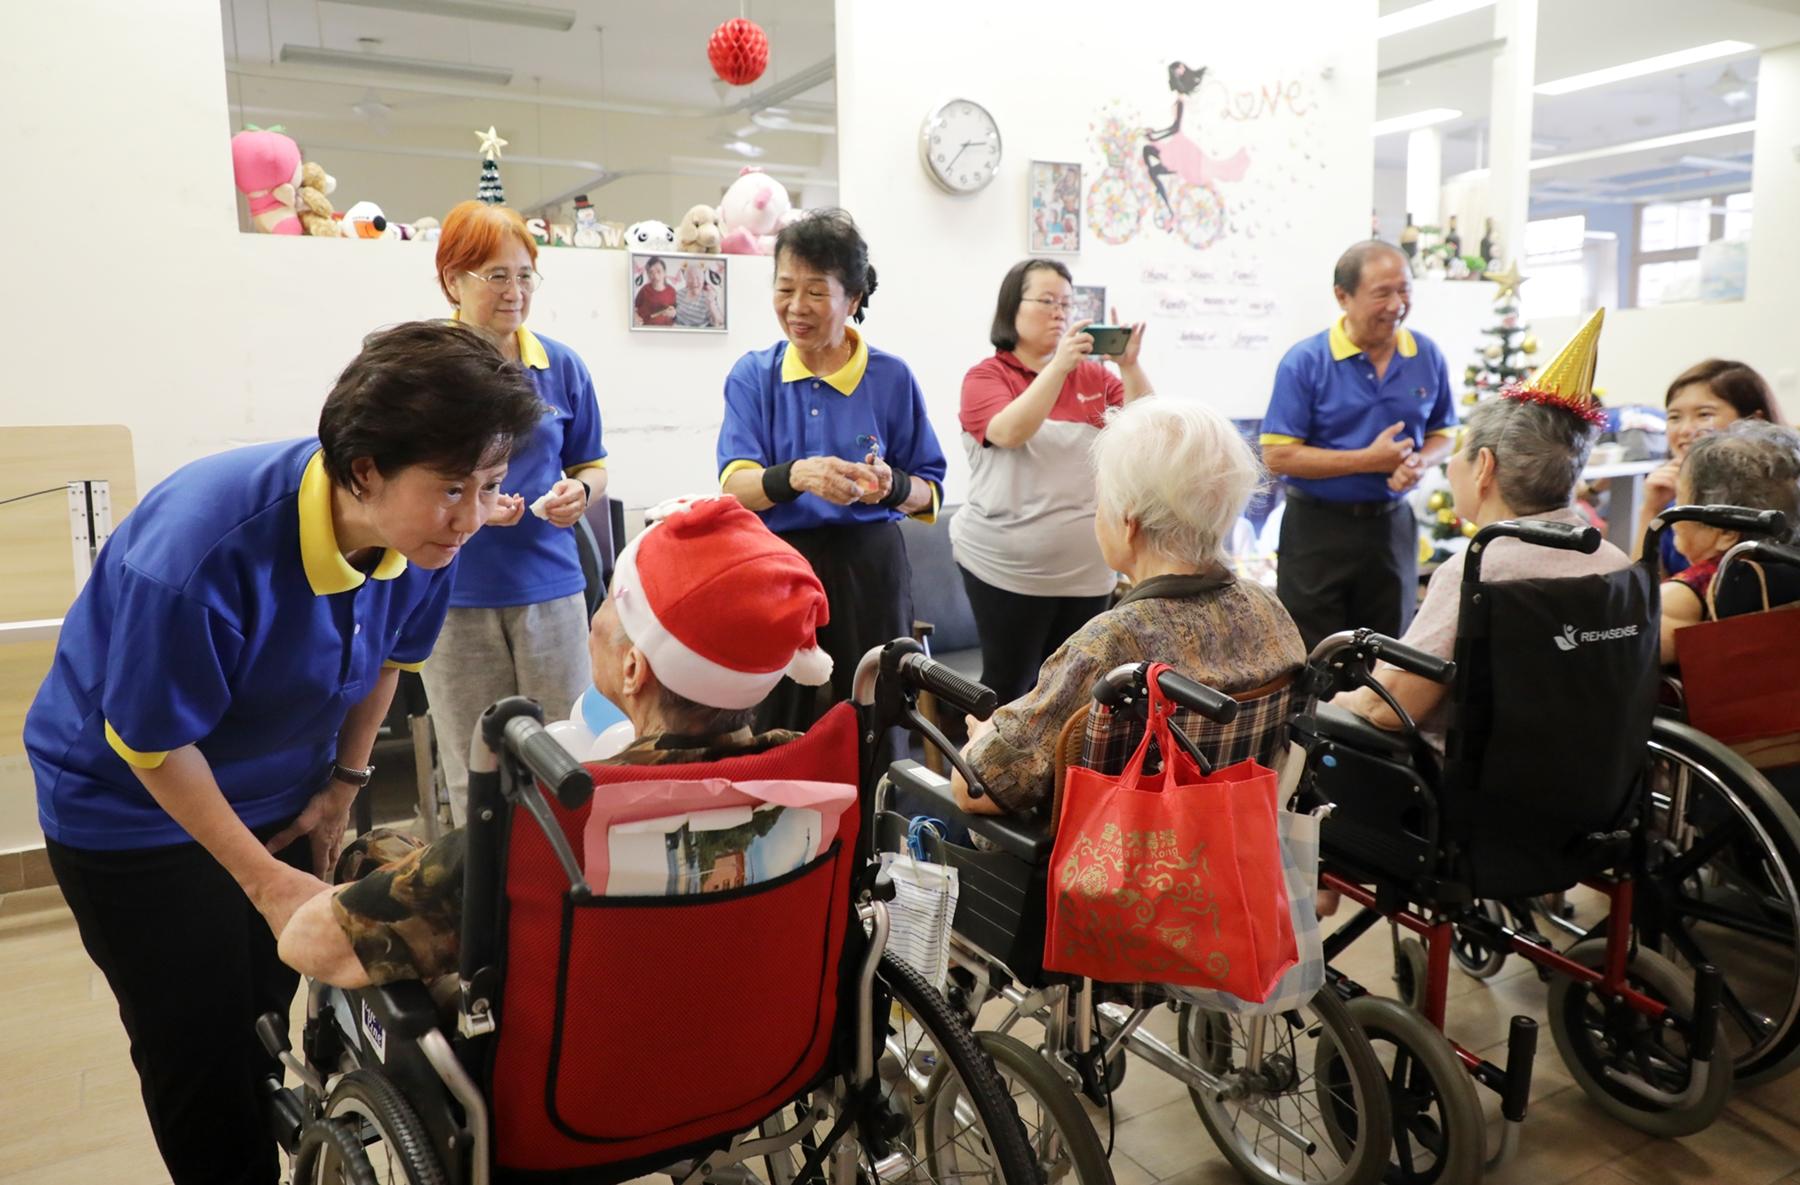 侯玉华和恩群的志工们定期到疗养院和乐龄中心去,她说,陪老人家谈天说地,给他们带来欢乐,她也感到很开心,很充实。